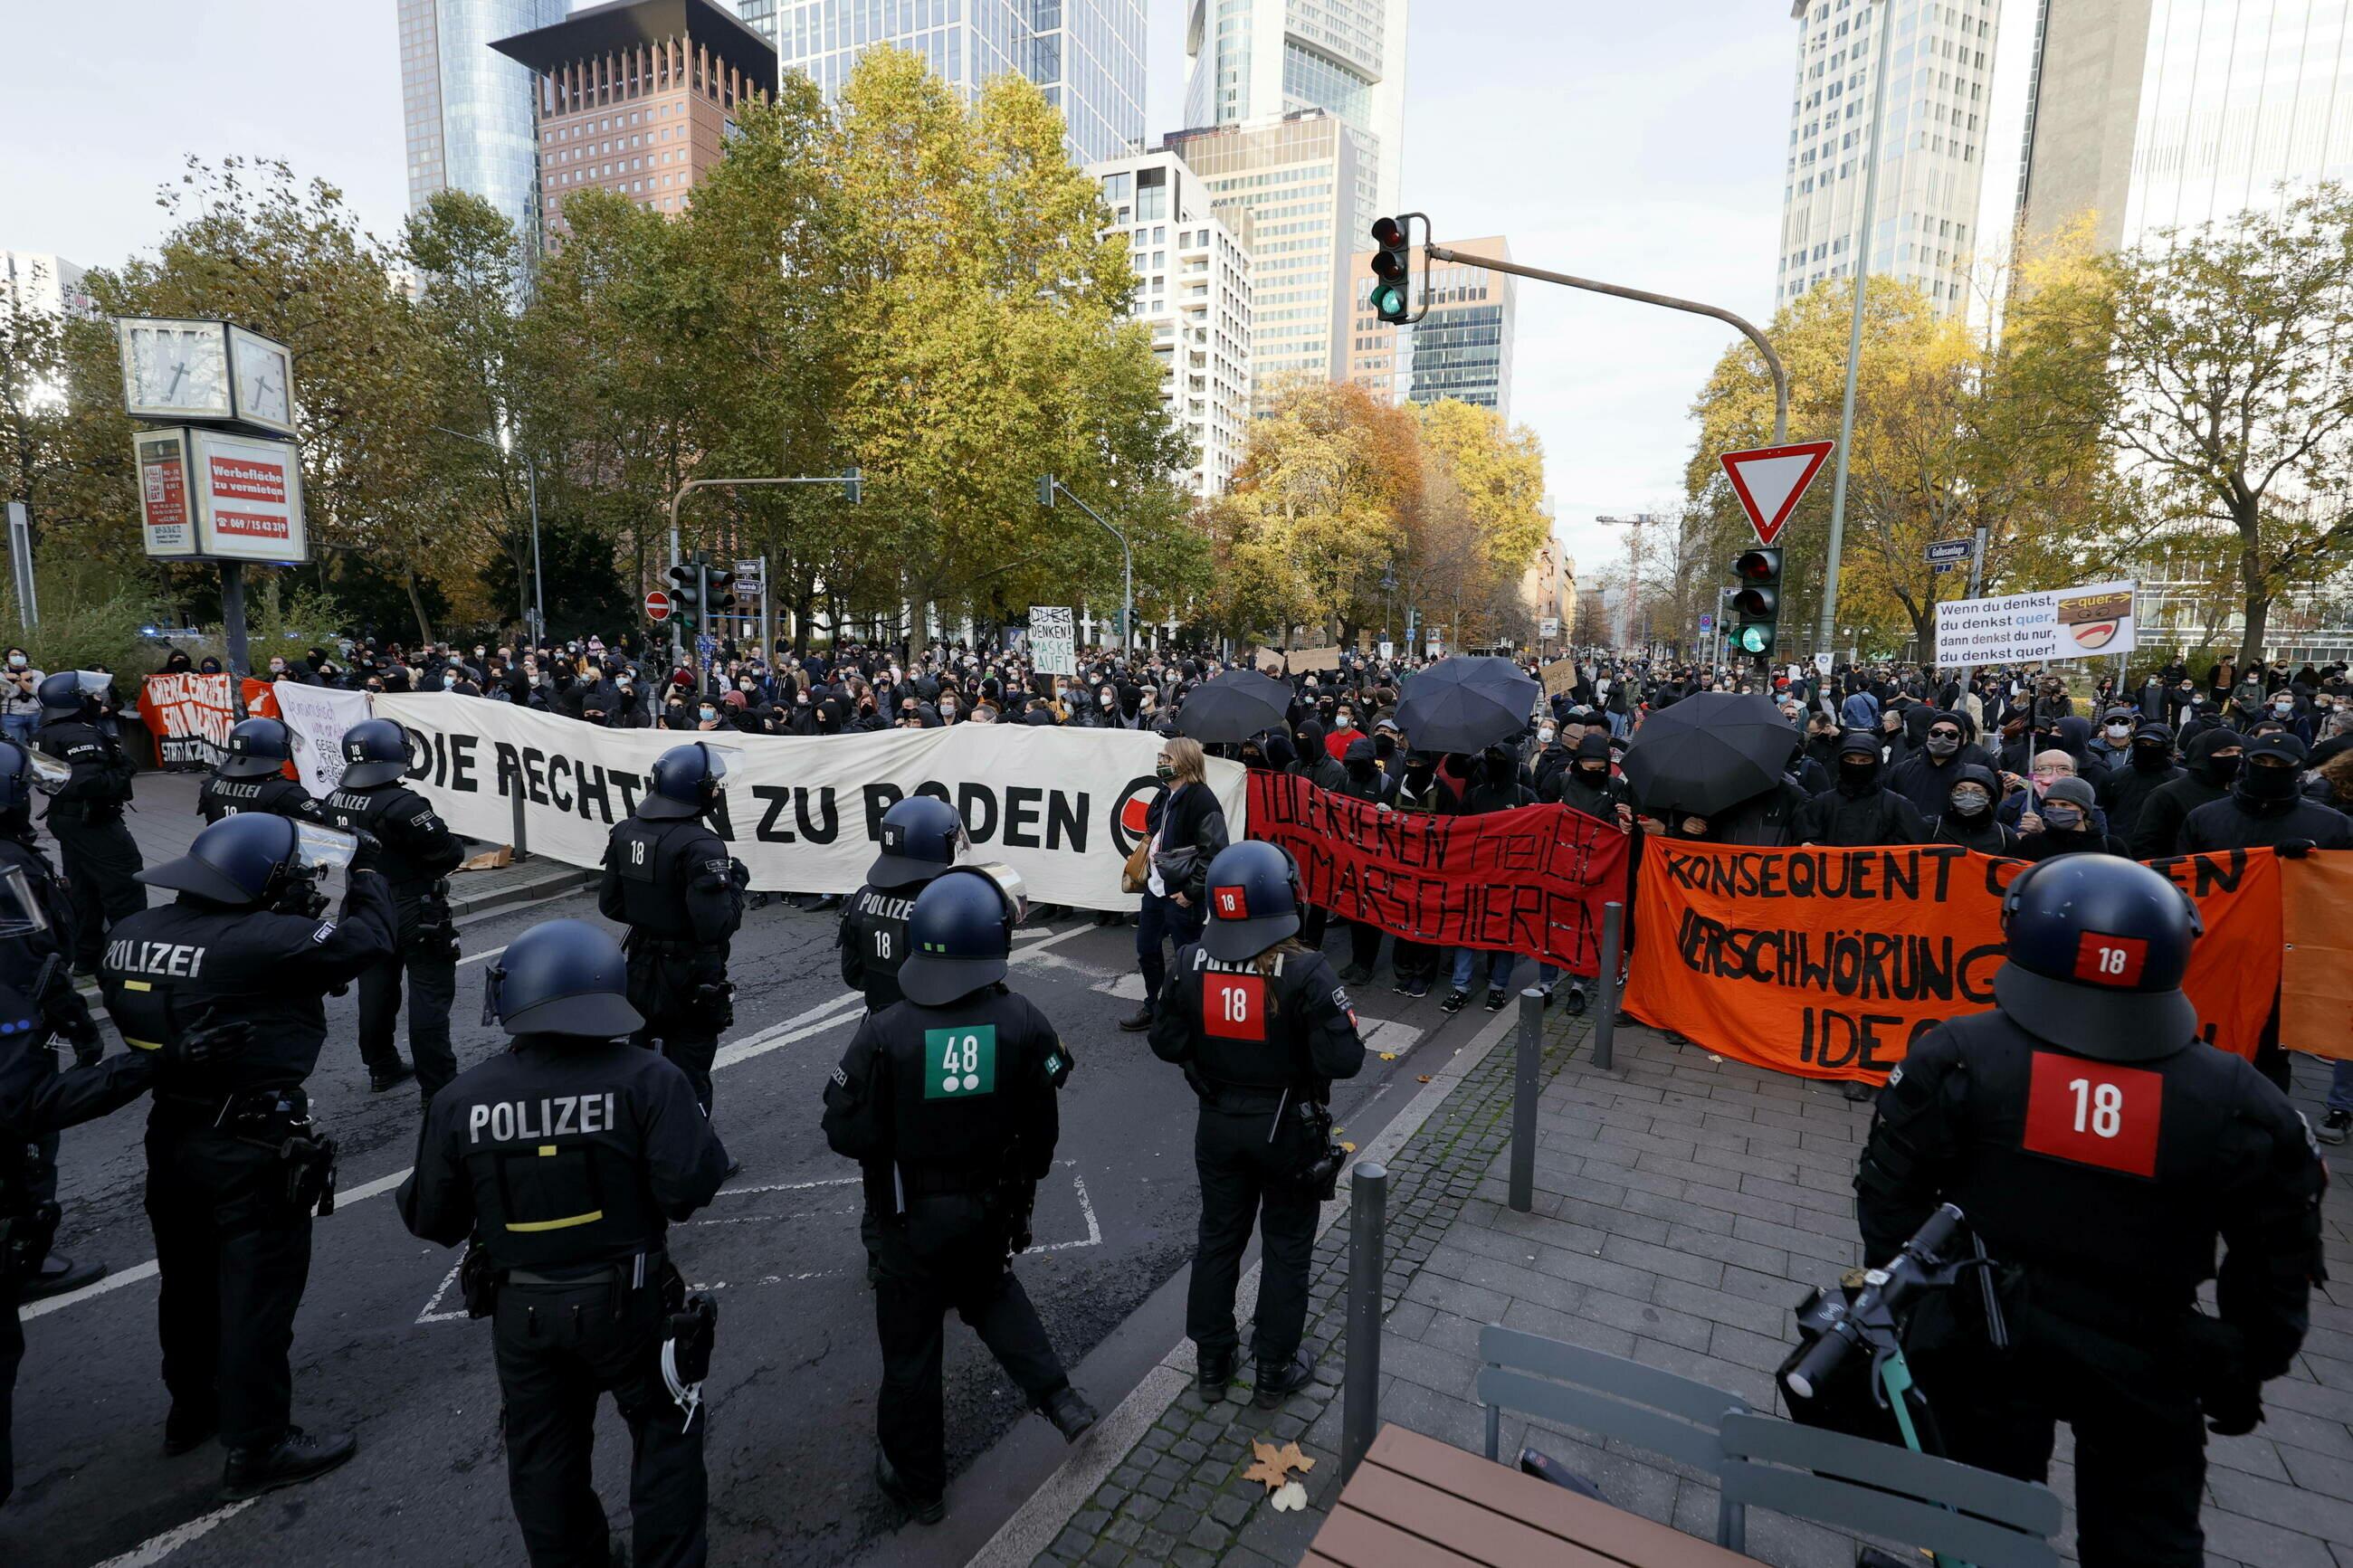 protesty przeciwko noszeniu maseczek w Niemczech